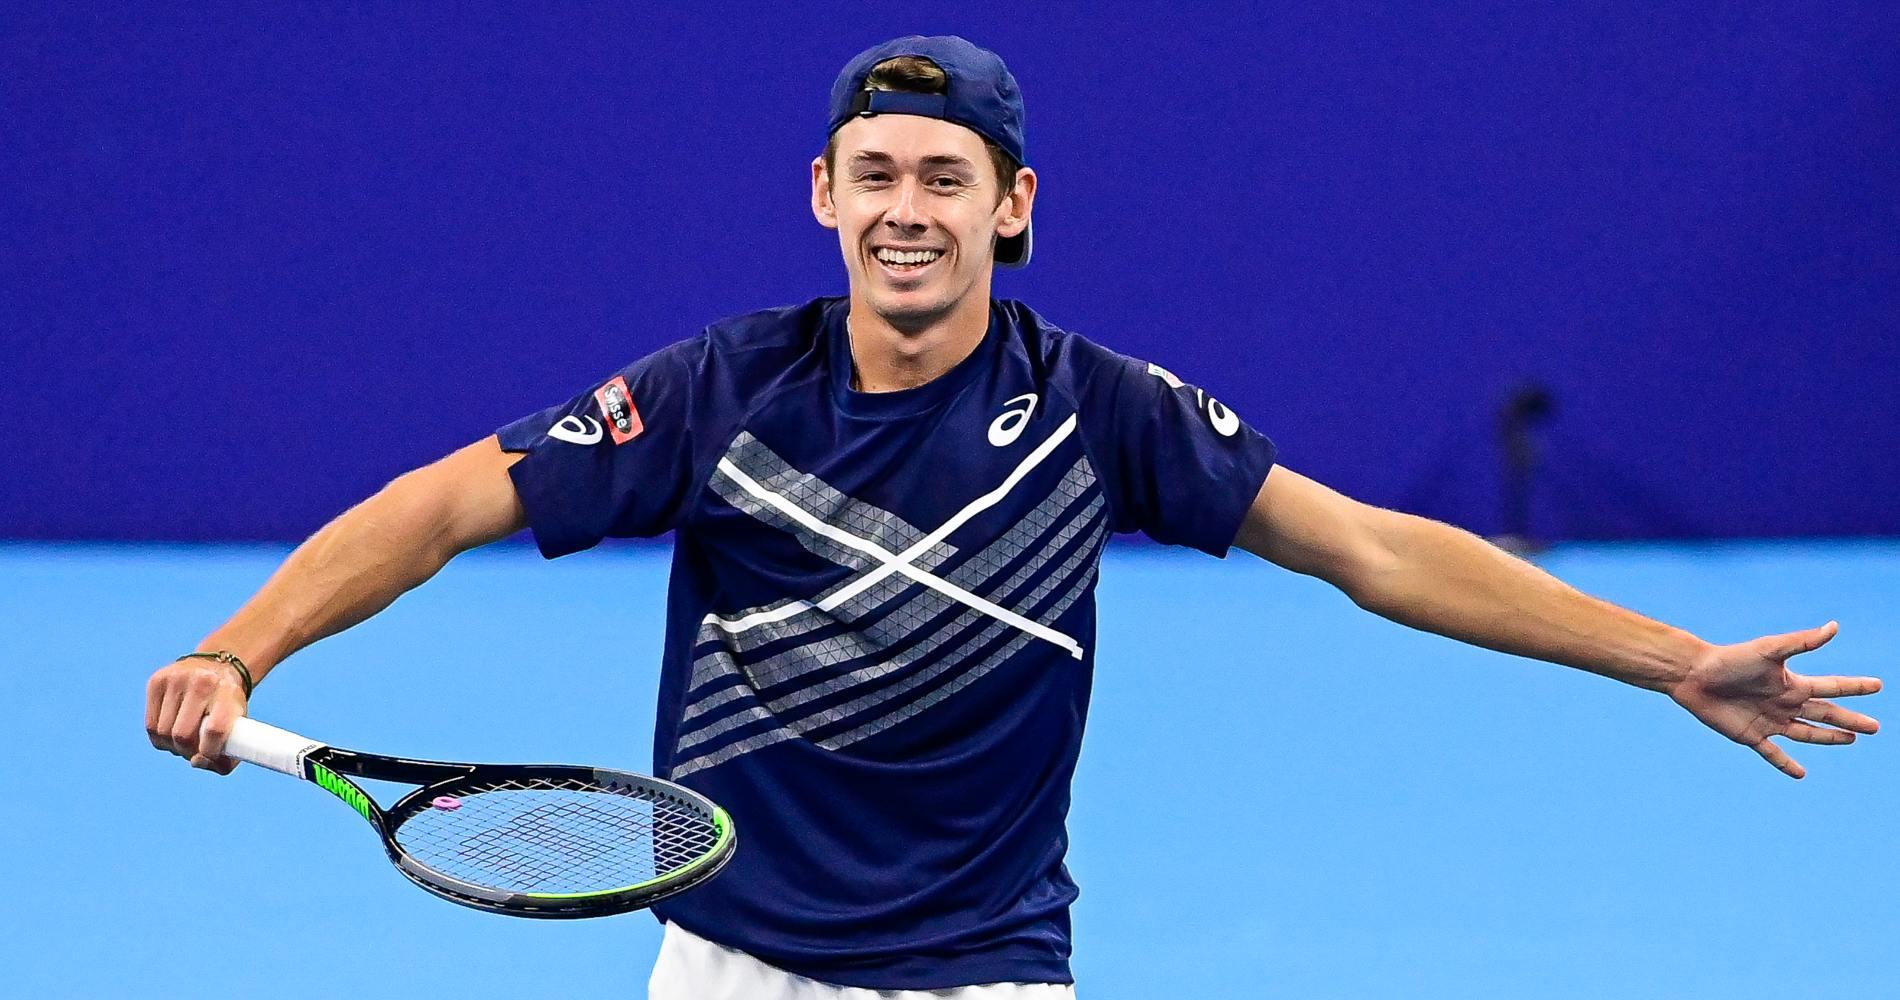 US Open 2021: Alex de Minaur vs. Taylor Fritz Tennis Pick and Prediction